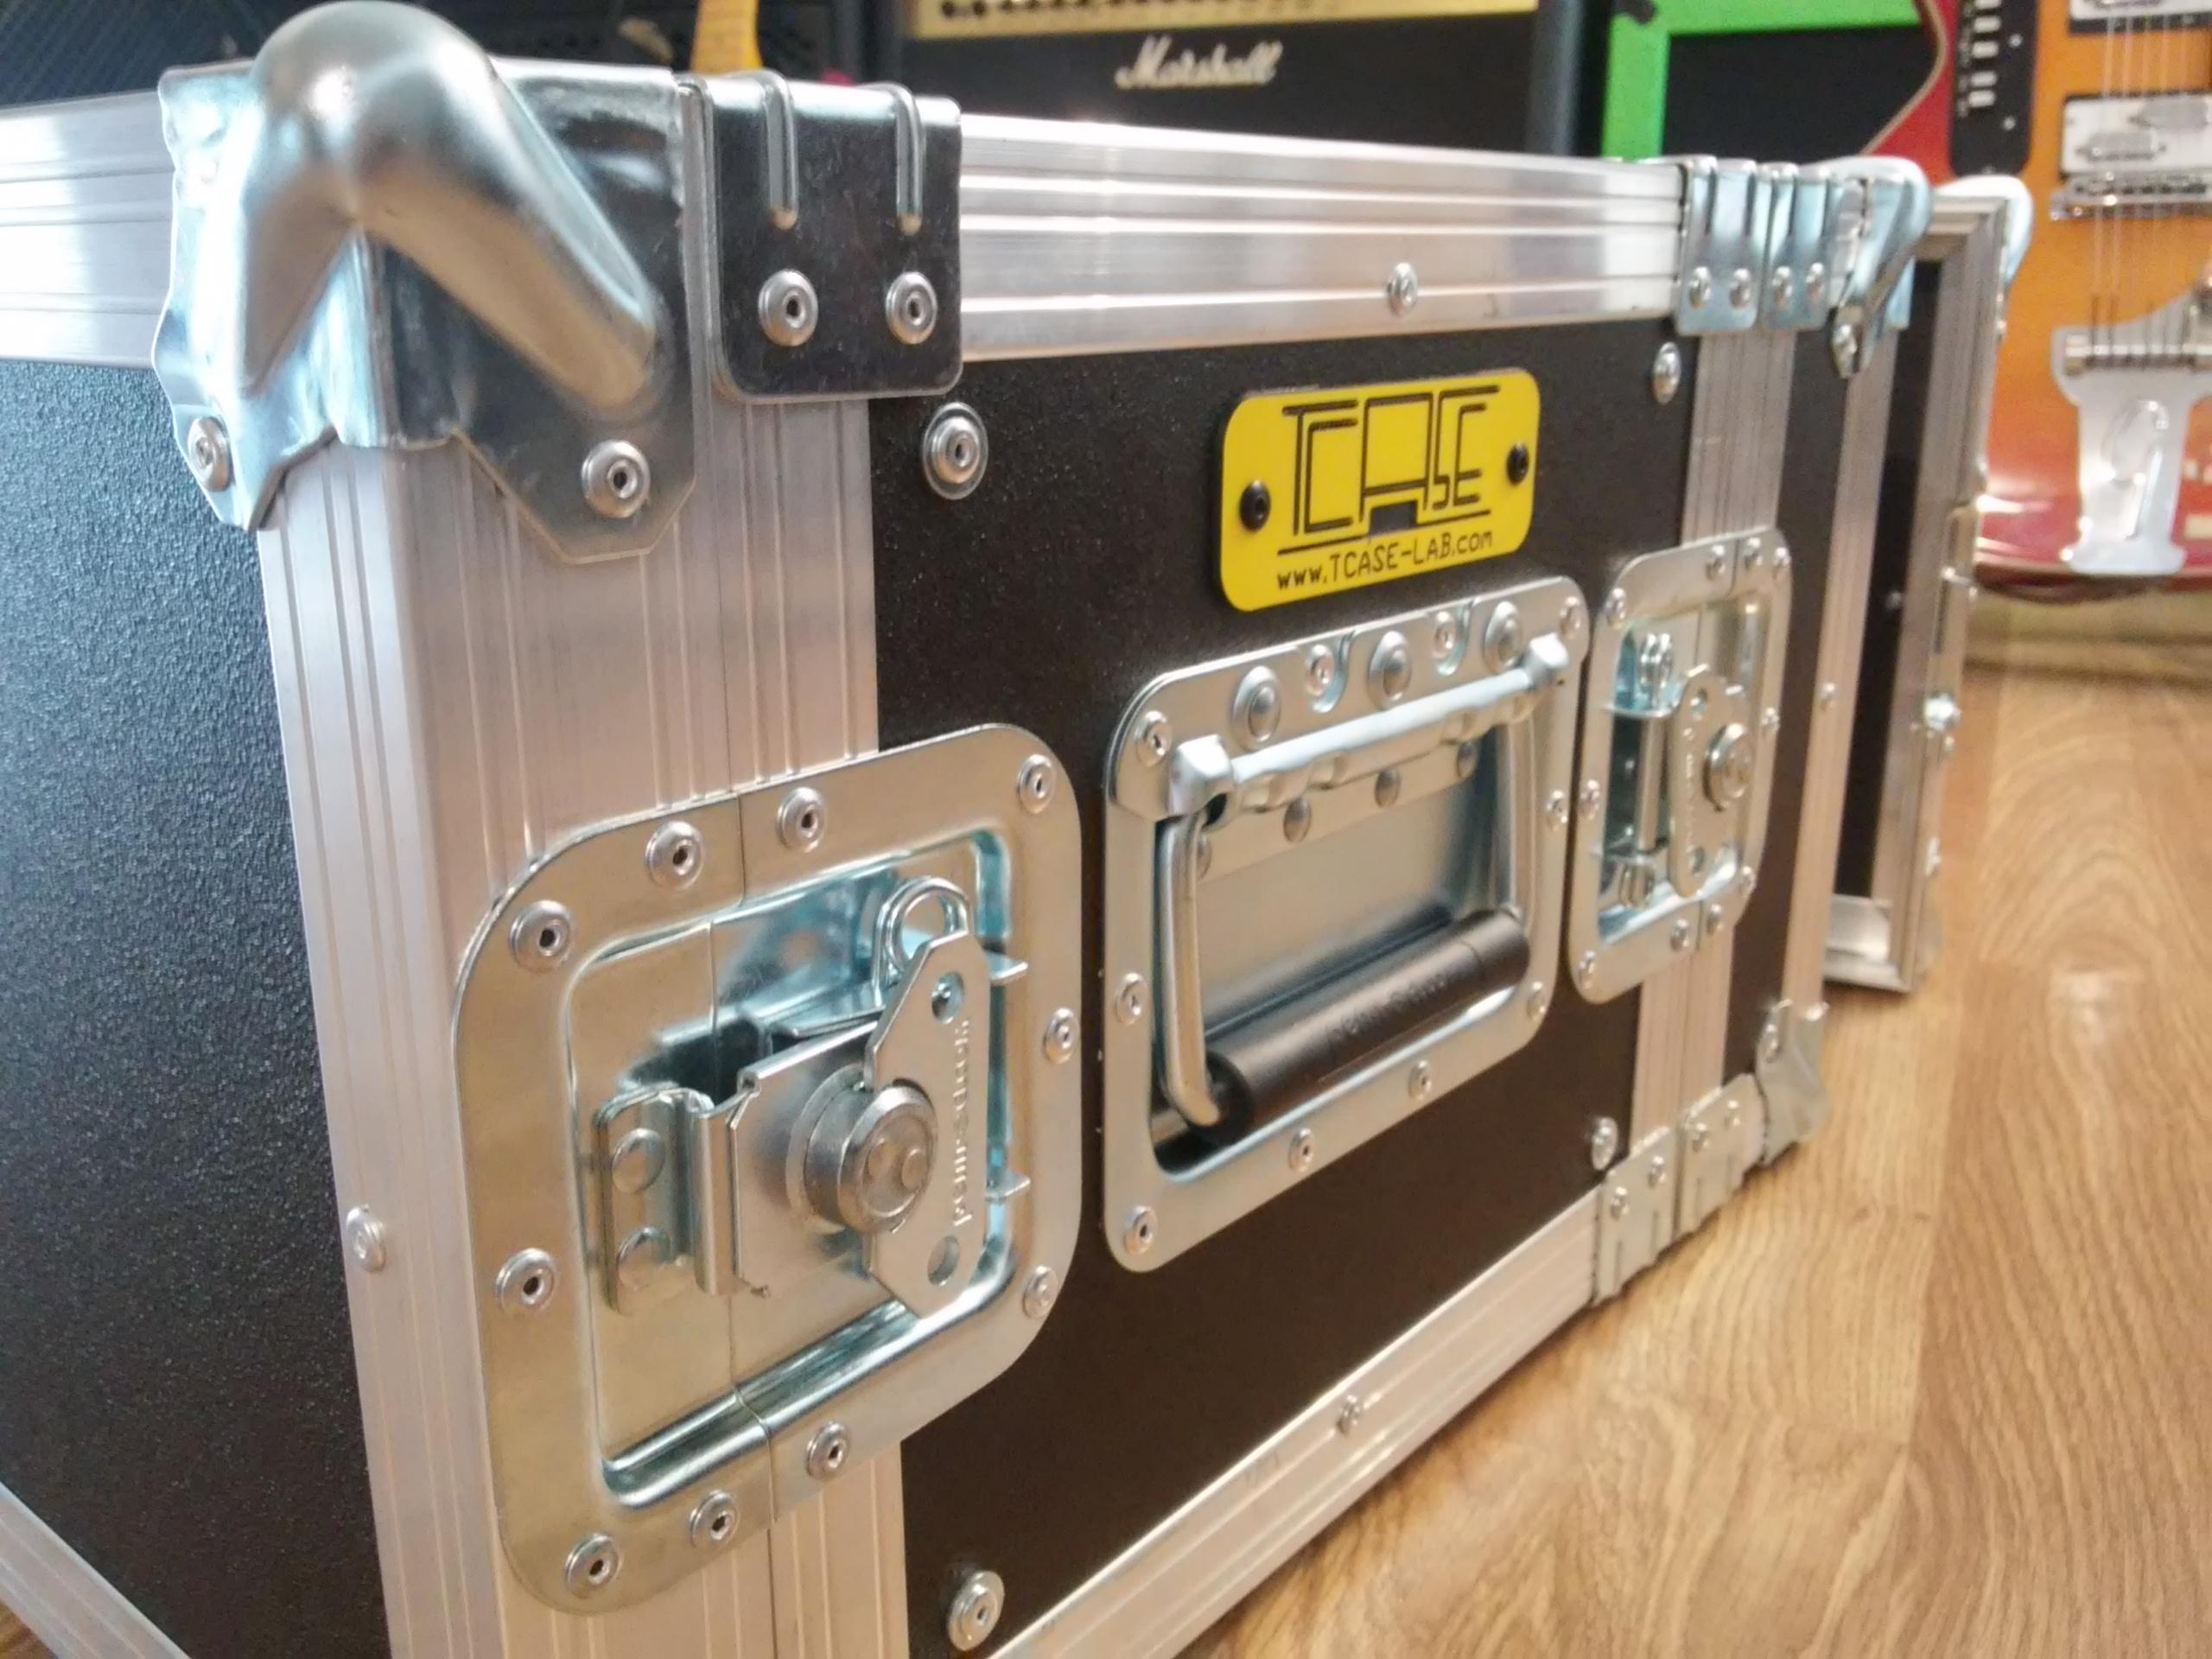 Le pedaliere o pedalboard o flight case per effetti a pedale, oppure flycase come scrivono altri... o ancora contenitori, valigie, custodie, non sono altro che l'unico vero sistema per trasportare, proteggere, usare i nostri cari, e spesso in tutti i sensi, effetti a pedale. Certamente esistono altri sistemi ma difficilmente svolgono i tre compiti di cui sopra, tutti insieme. Una borsa morbida puo' solo trasportare, facendo urtare i pedali l'uno con l'altro. Una semirigida potrebbe andare bene, ma se dovete caricarla sul mezzo insieme ad altri ampli e strumenti vari non protegge i vostri effetti dagli urti... quindi la soluzione si chiama TCASE!  Per saperne di più visita www.tcase-lab.com